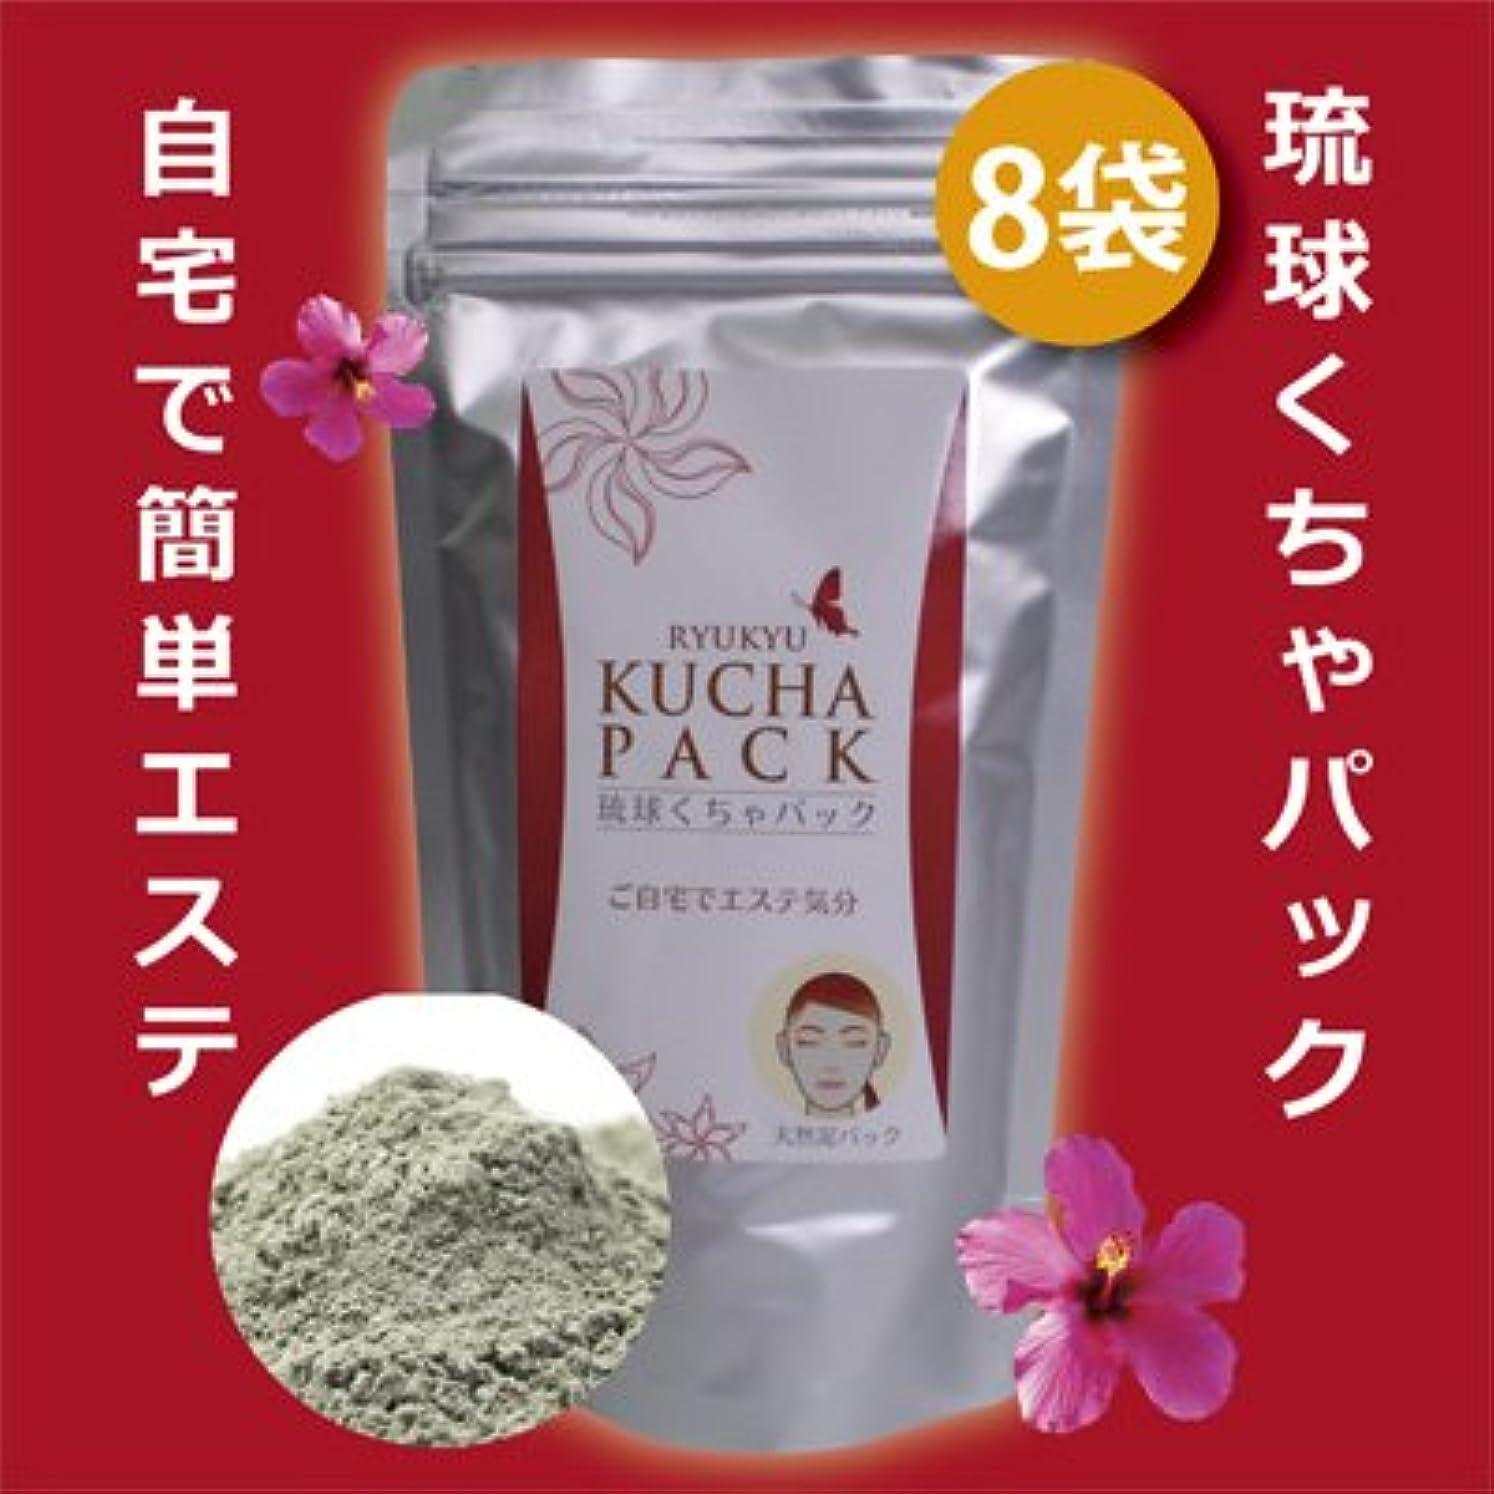 圧倒する説明可決美肌 健康作り 月桃水を加えた使いやすい粉末 沖縄産 琉球くちゃパック(150g)8パック